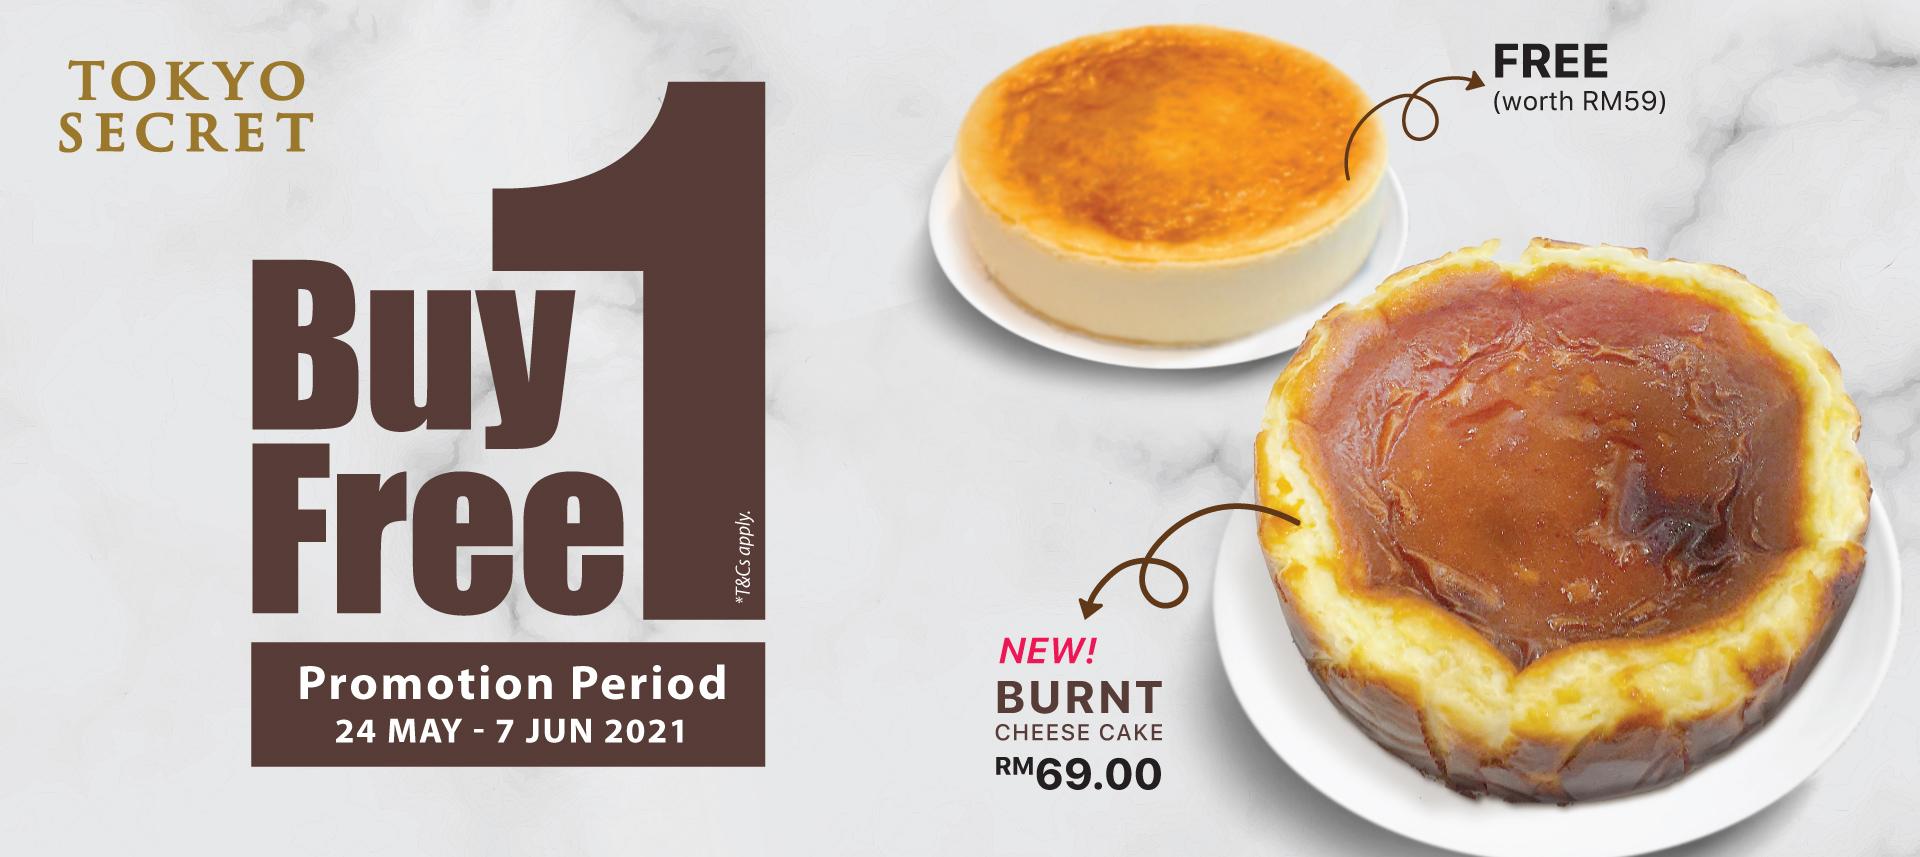 20210520_TS_Burnt_cheesecake_1